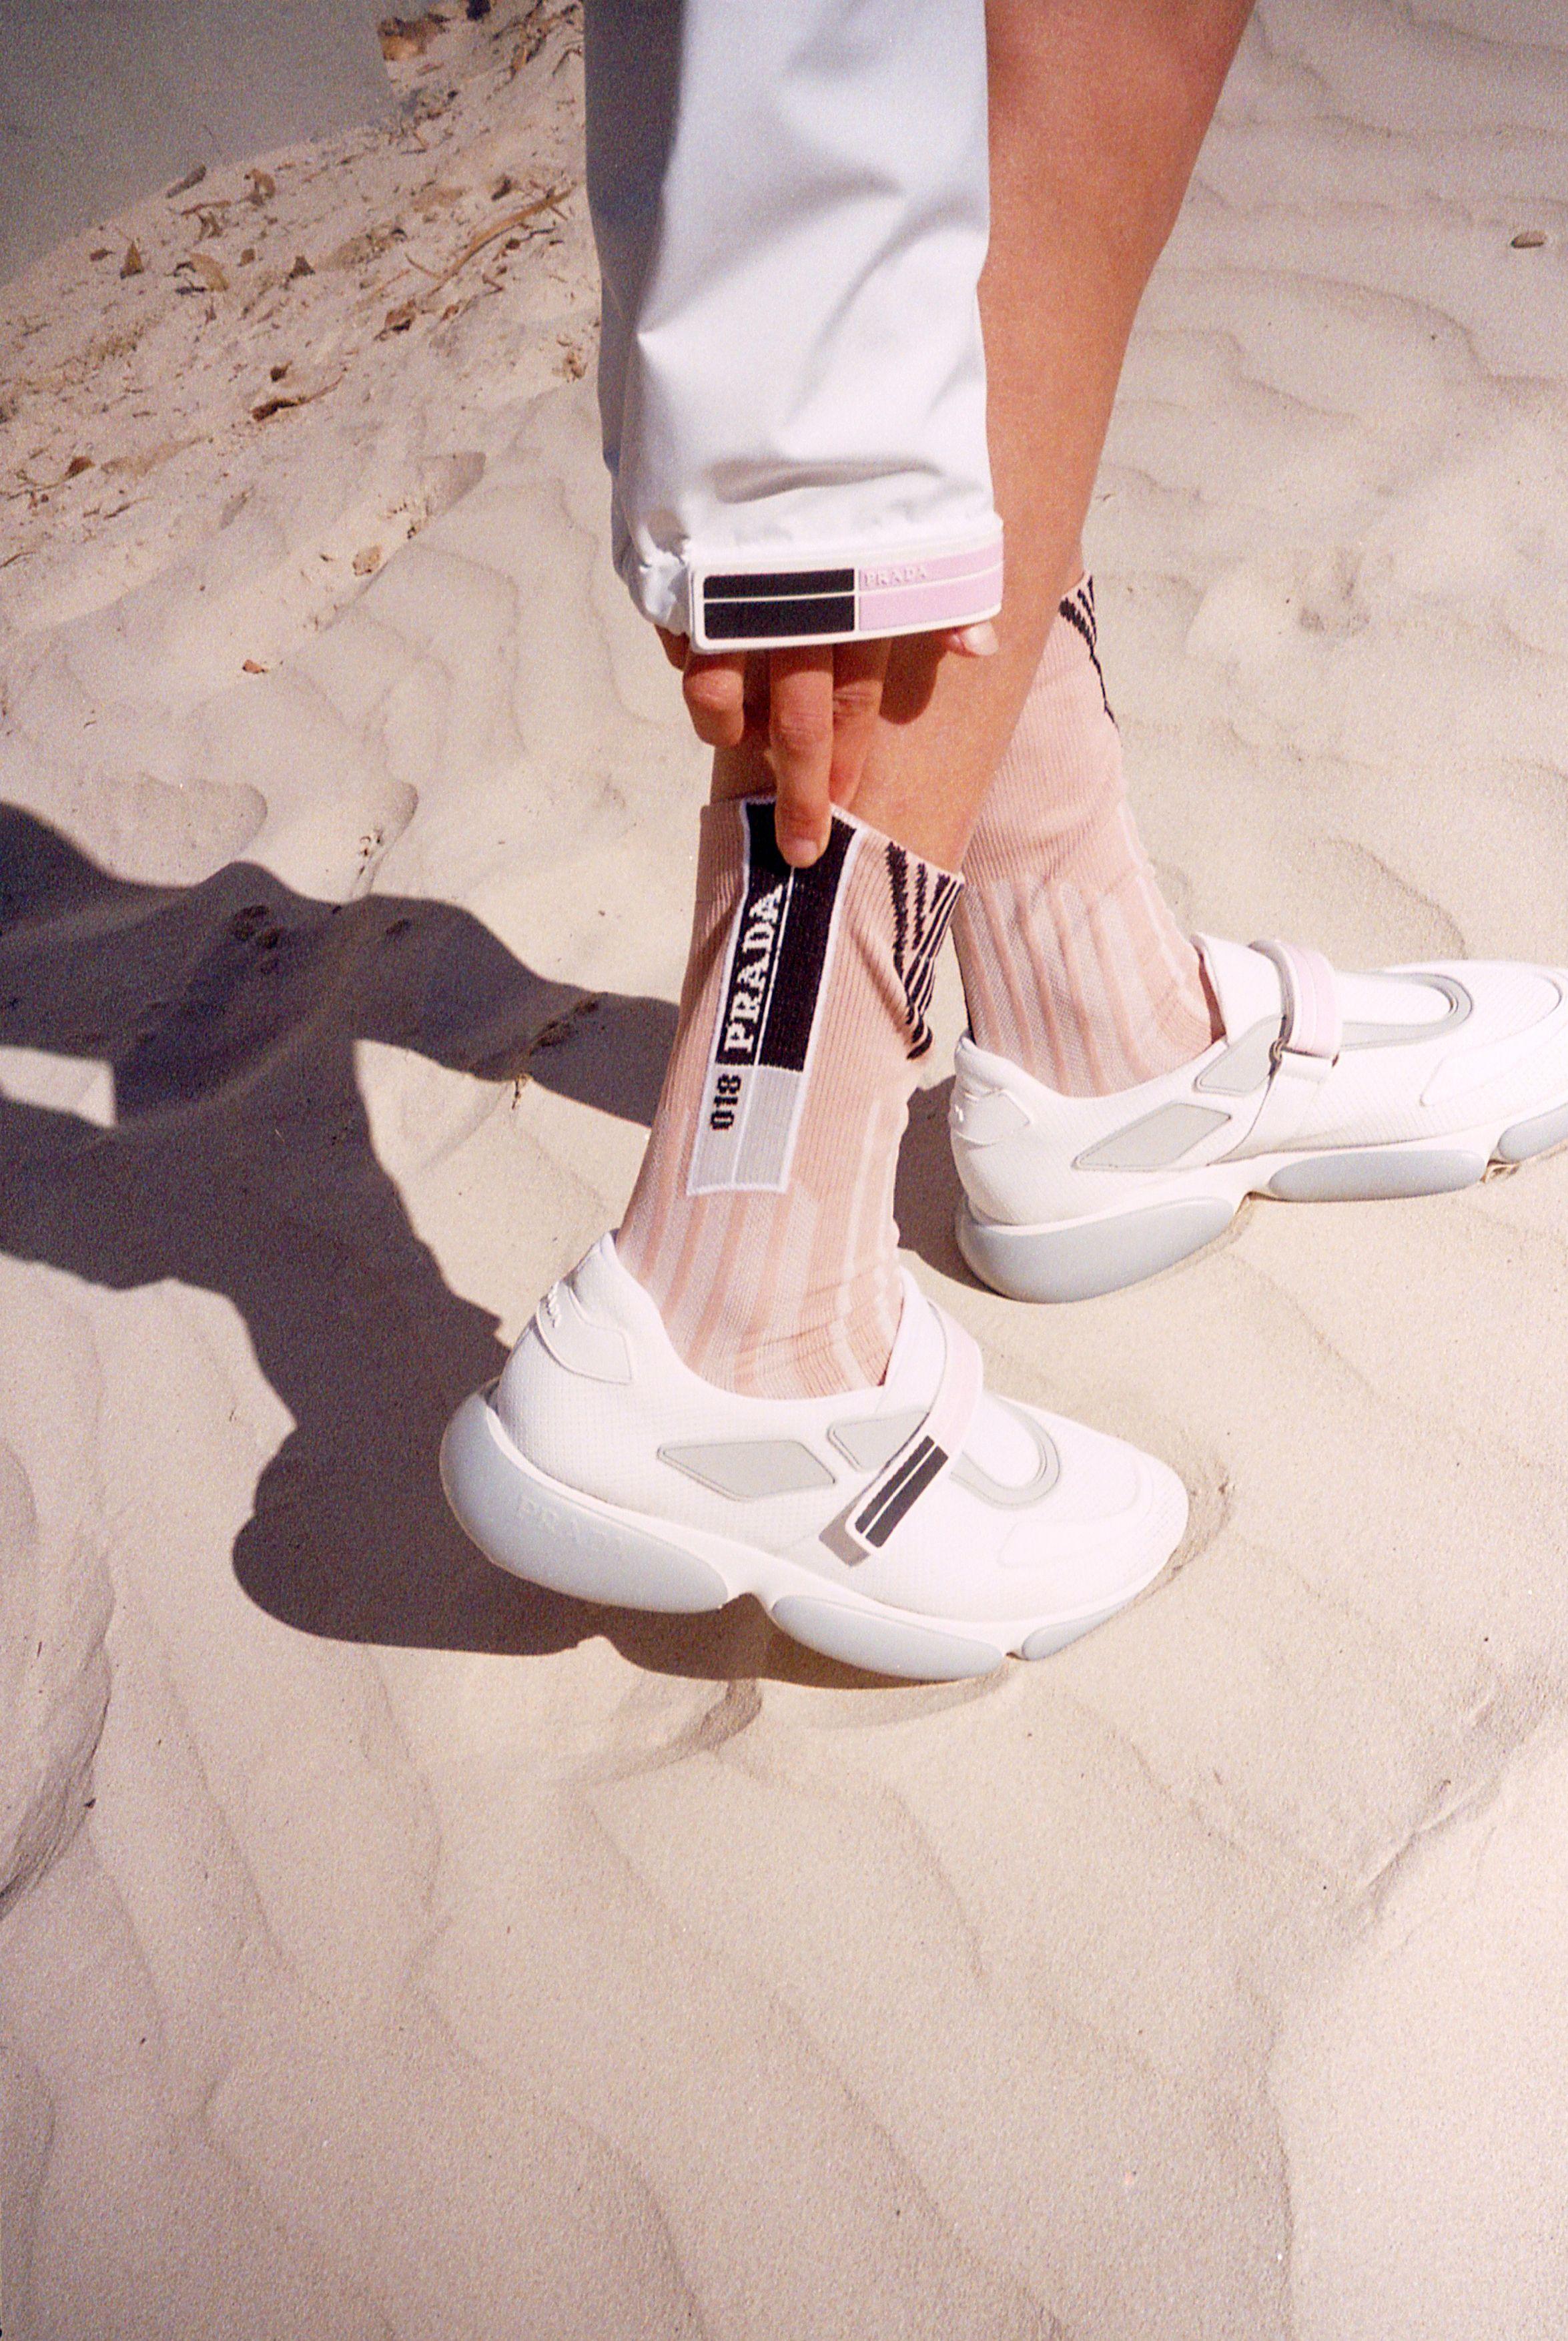 b3ec0b03b8 Prada Cloud Bust sneakers on coolpretty.cool High Top Sneakers, Sneakers  Nike, Air